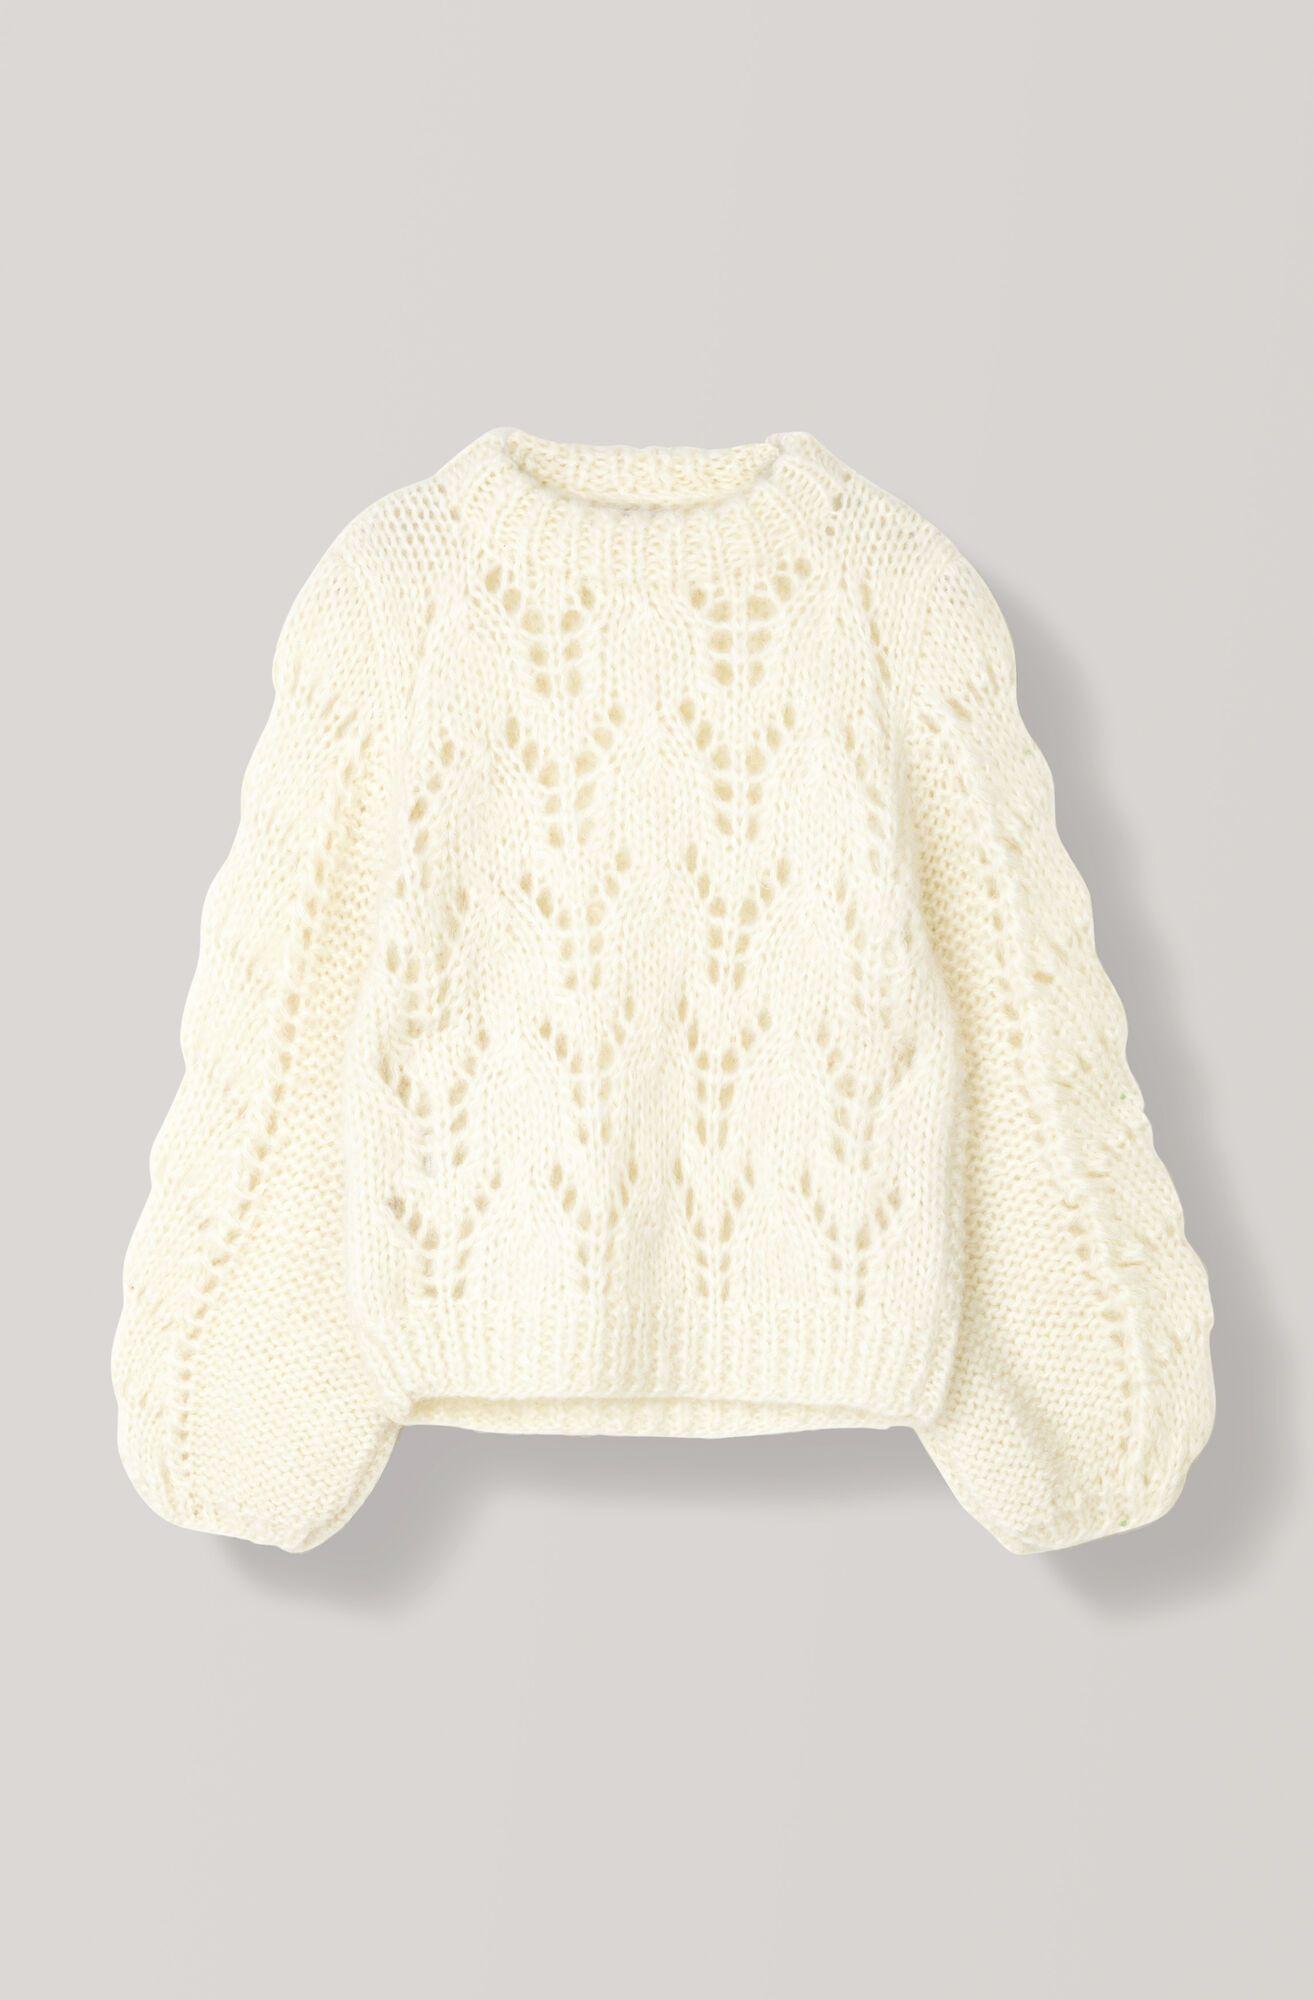 Photo of GANNI Håndstrik Uld Sweater (2999,00 DKK)   Køb din nye Håndstrik Uld Pullover hos GANNI.COM